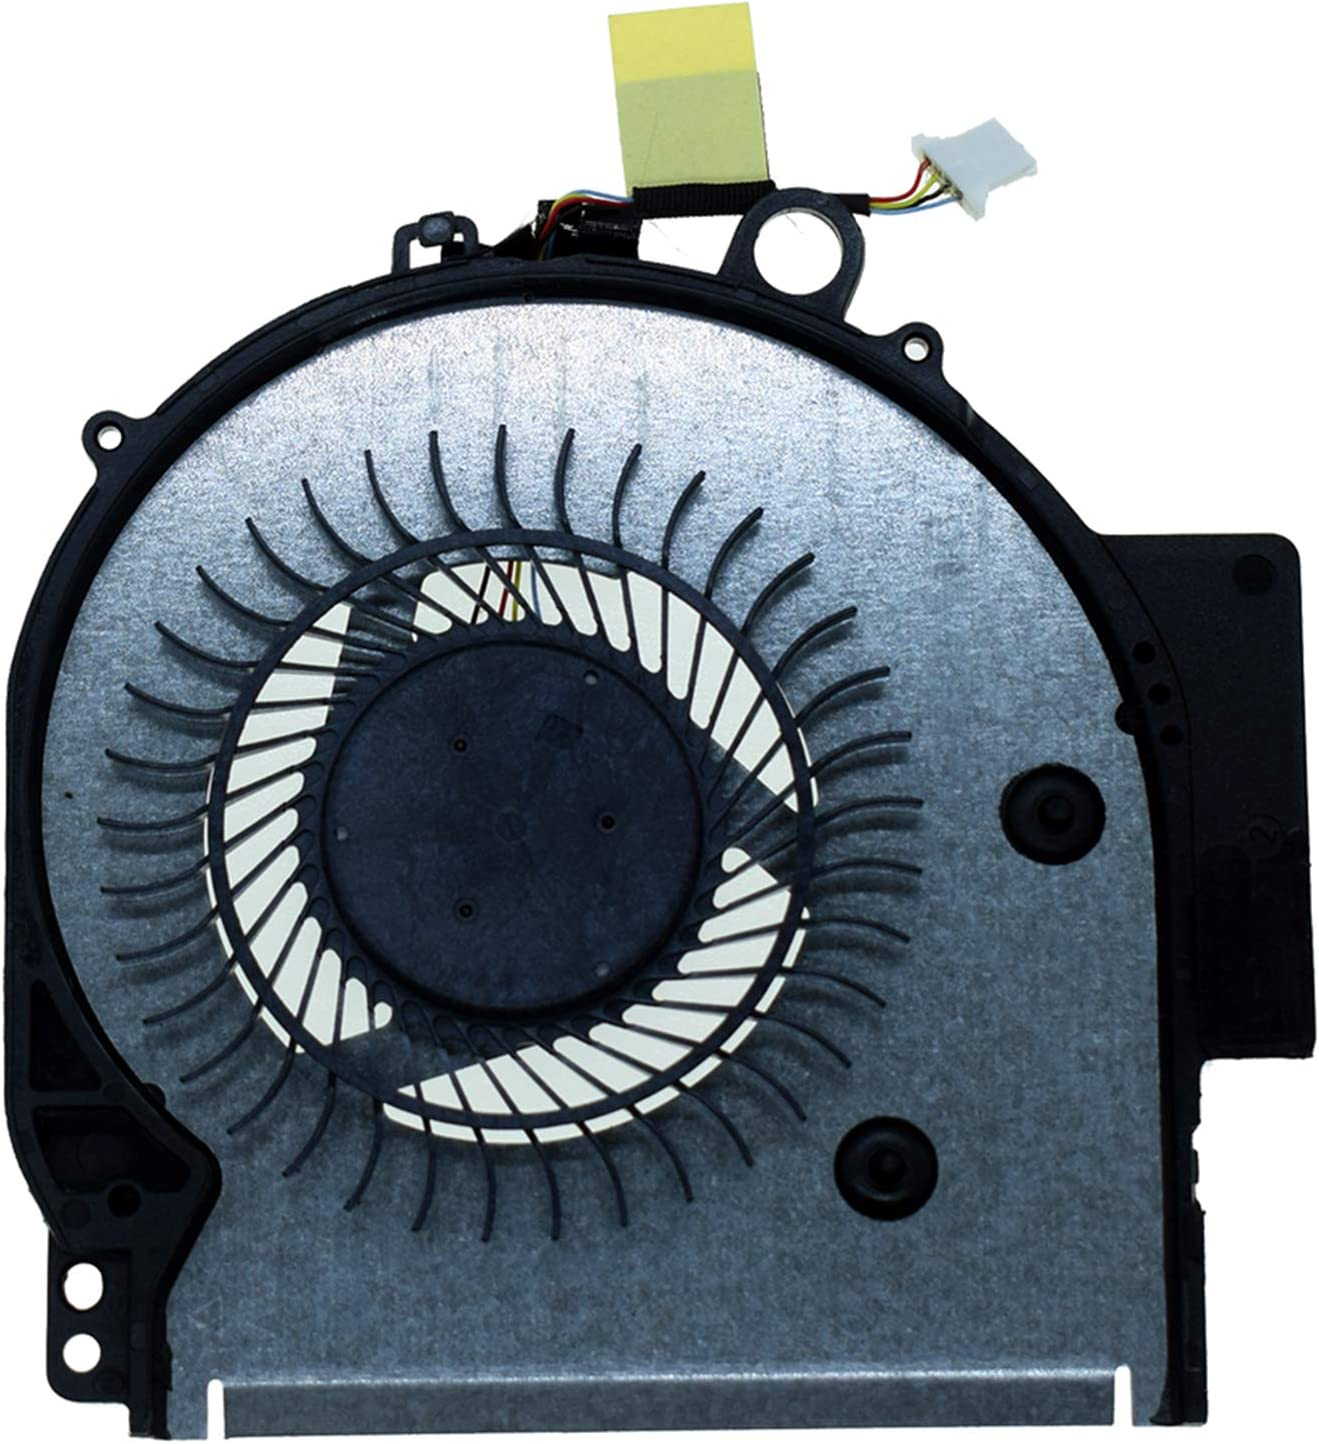 DREZUR CPU Cooling Fan Compatible for HP X360 Pavilion 14-BA 14-BAXXX 14-BA010CA 011DX 013DX 018CA 114DX 14T-BAXXX 14M-BAXXX 14M-BA011DX BA013DX BA015DX 114DX Series Laptop Cooler 924281-001